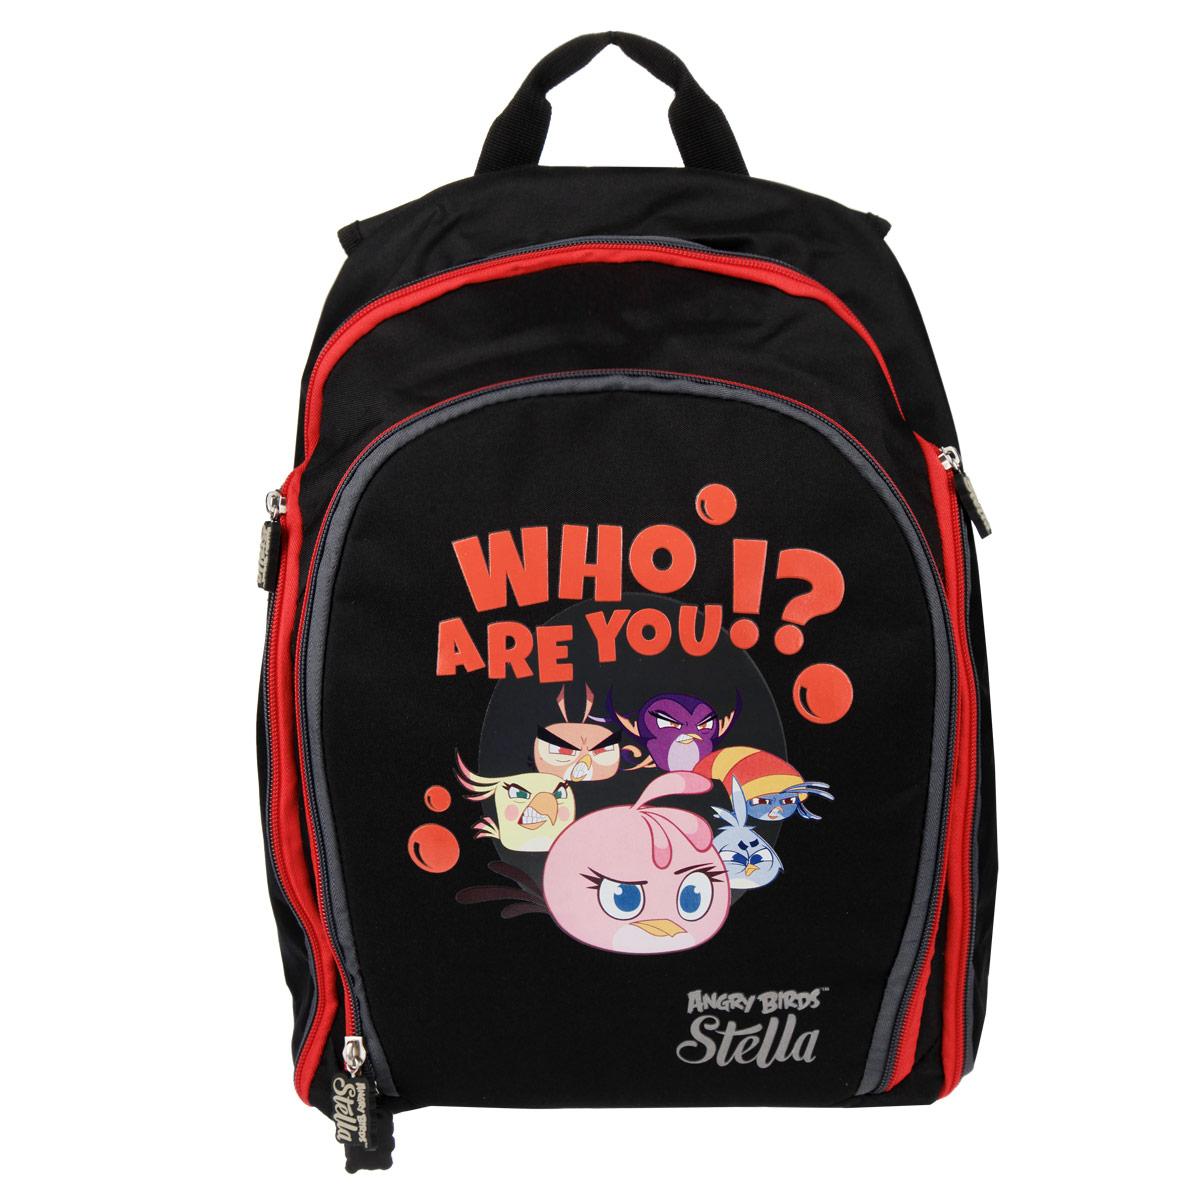 Рюкзак Action! Angry Birds Stella, цвет: черный, красный, серыйSA-AB11094/1Стильный рюкзак Action! Angry Birds Stella - это красивый и удобный рюкзак, который подойдетвсем, кто хочет разнообразить свои будни. Рюкзак выполнен из текстиля и оформлен аппликациями известных всем героев из игры Angry Birds. Изделие оснащено двумя отделениями, закрывающимся на застежки-молнии. Одно из отделений оснащено сетчатым карманом на резинке и пятью накладными карманами для принадлежностей. По бокам рюкзака расположены карманы на застежках-молниях с сетчатыми вставками внутри. Благодаря уплотненной простроченной спинке и мягким плечевым ремням, регулирующимся по длине, у вас не возникнет проблем с позвоночником. Также рюкзак оснащен текстильной ручкой, для удобной переноски.Гарантия: 30 дней.